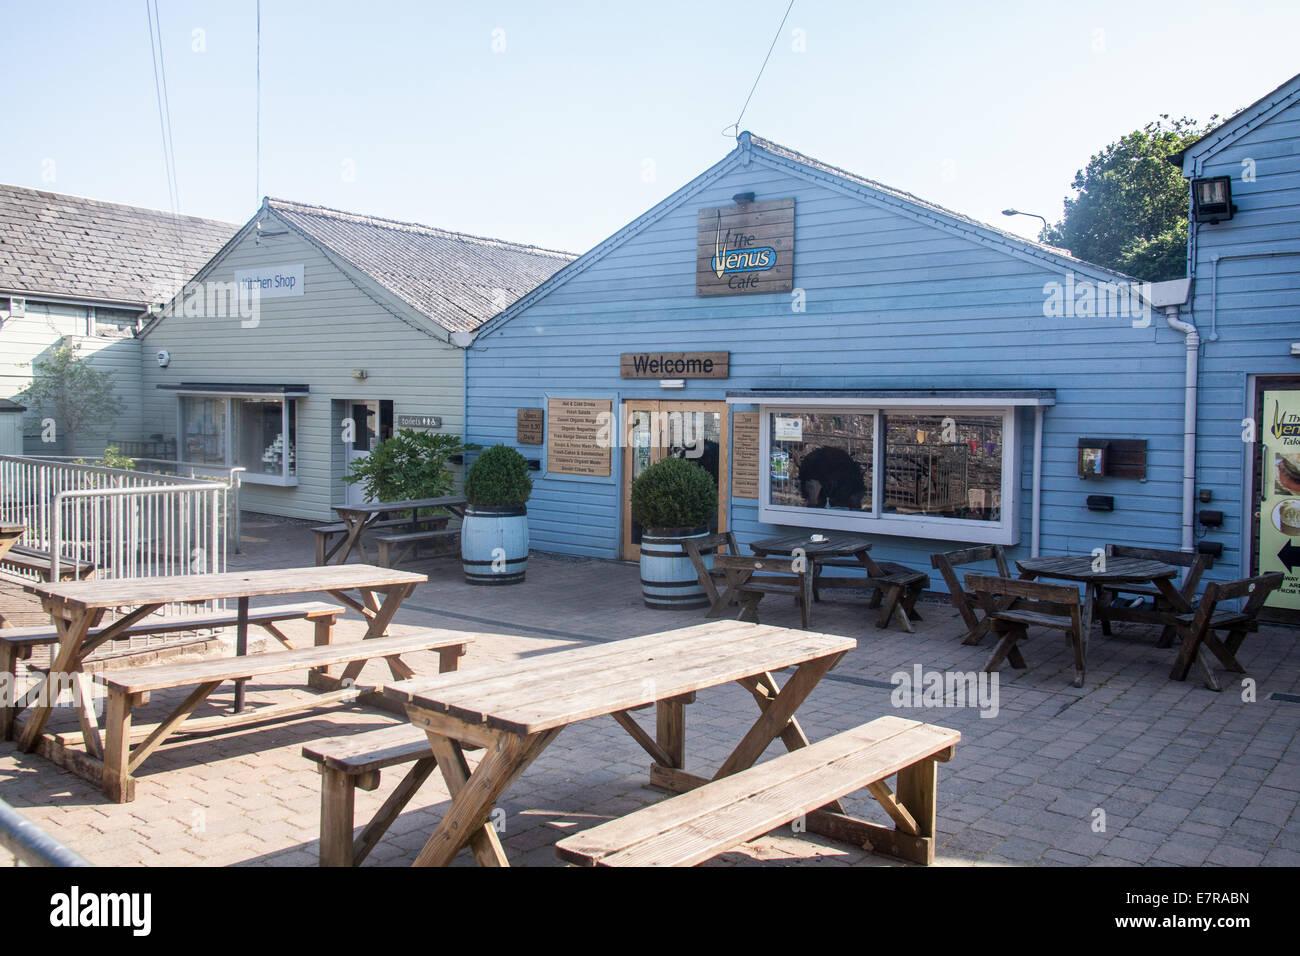 The Shops at Dartington ,Cider Press Centre, Dartington, South Devon ...